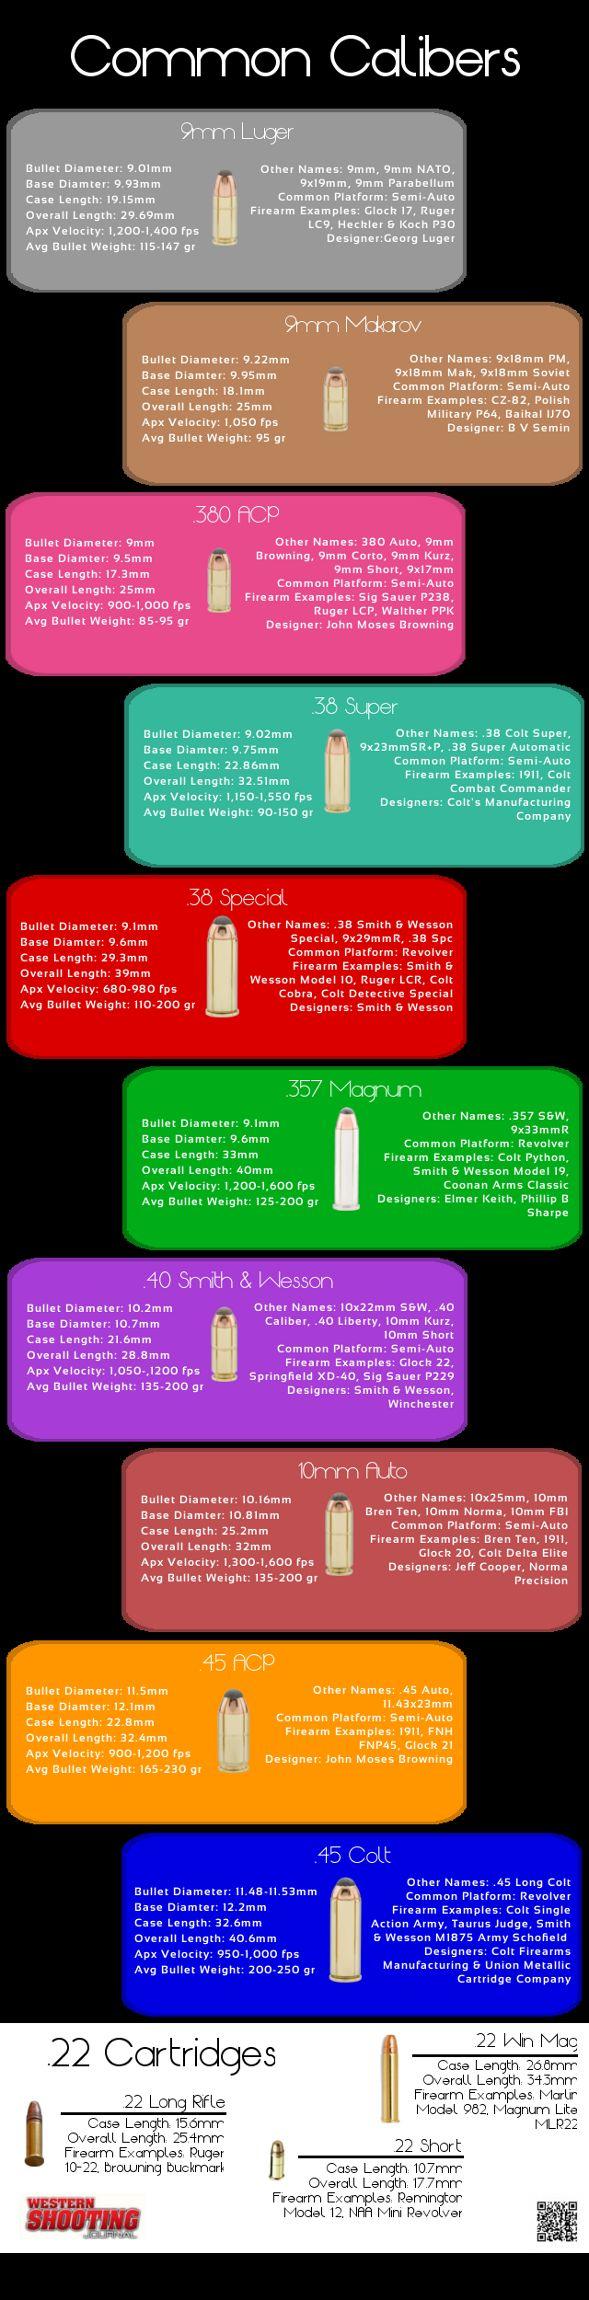 Common Handgun Calibers Info-graphic (.380 ACP, 9mm to .45 ACP)